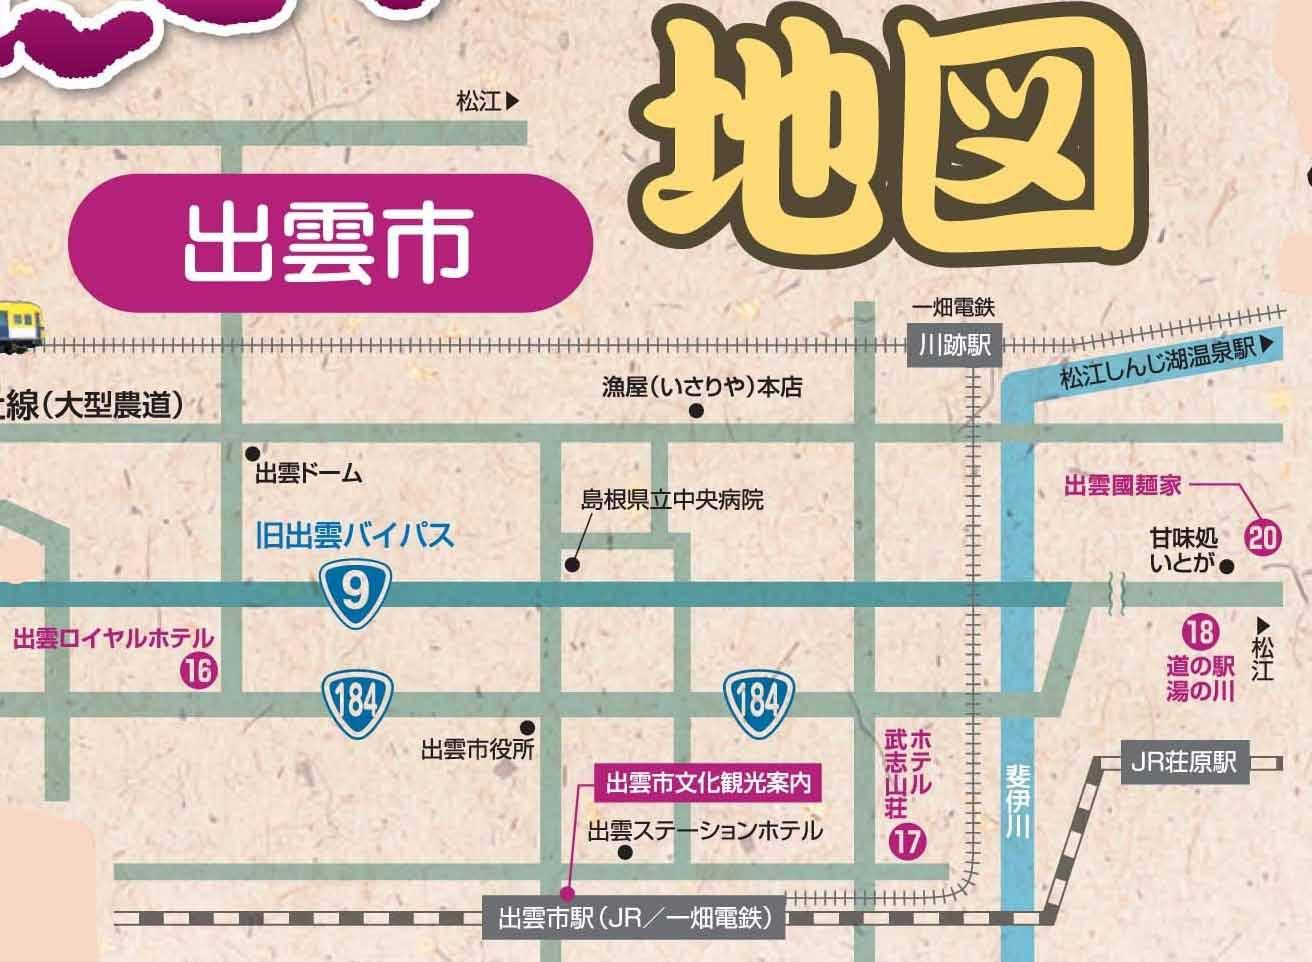 ぜんざいマップ【出雲市中心地・松江市編】